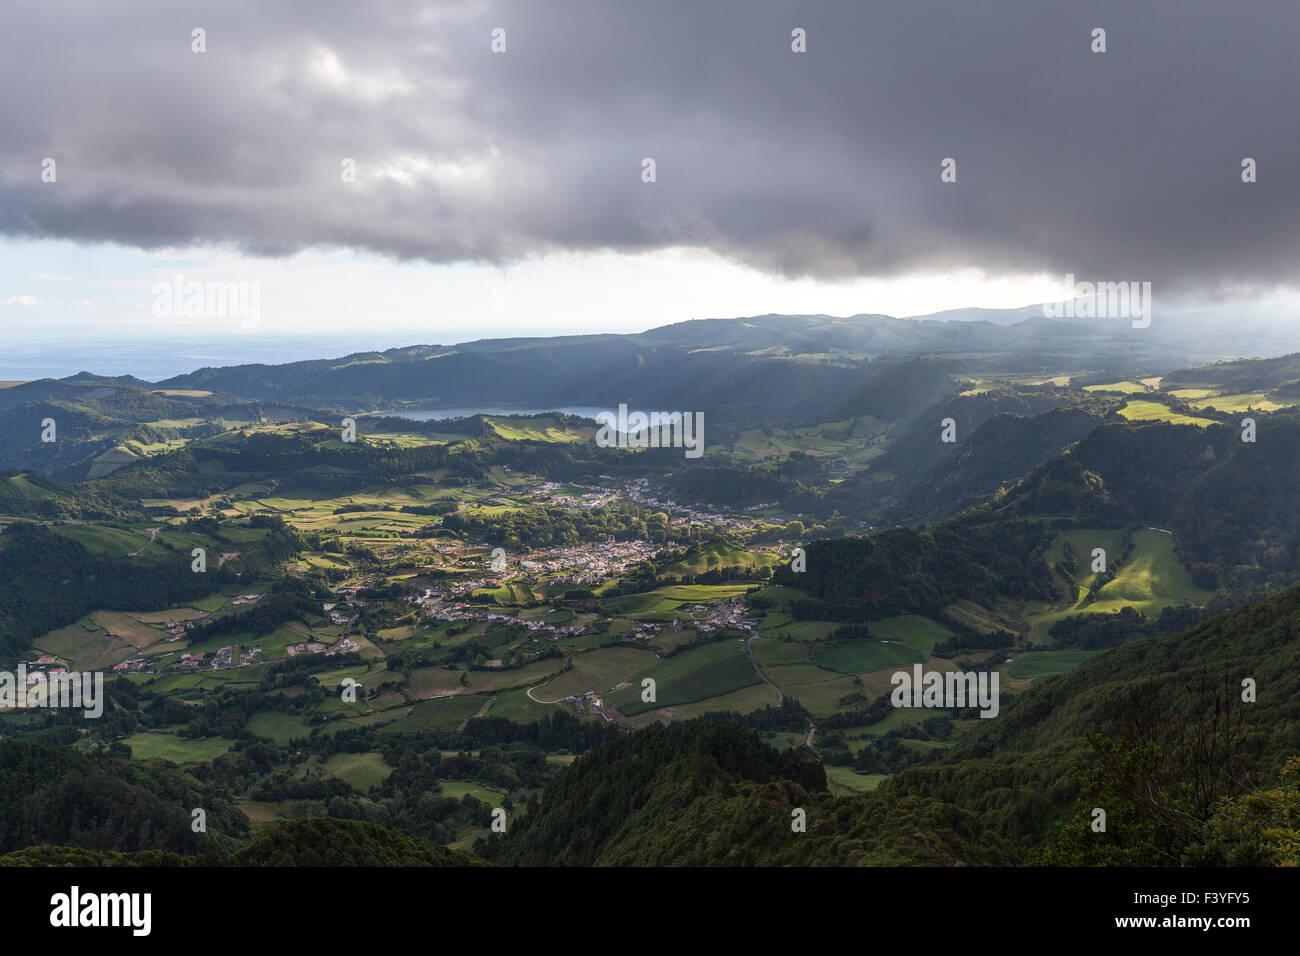 Vista dal Miradouro do Pico do Salto do Cavalo su Valli di Furnas, São Miguel, Azzorre, Portogallo Immagini Stock